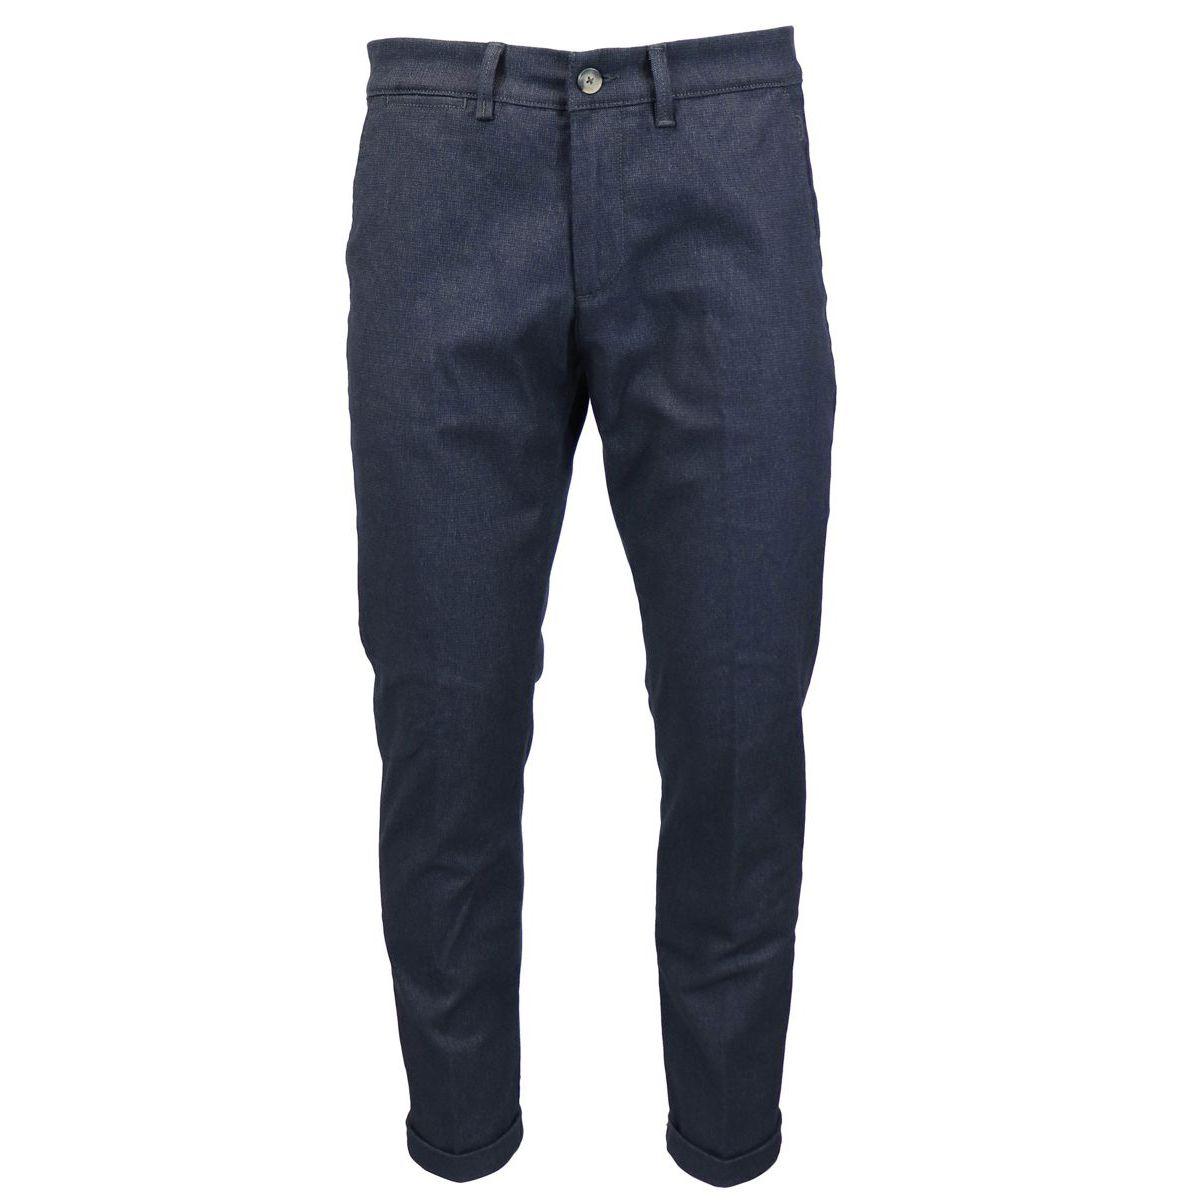 Slim cotton jeans with america pockets Dark denim Jeckerson